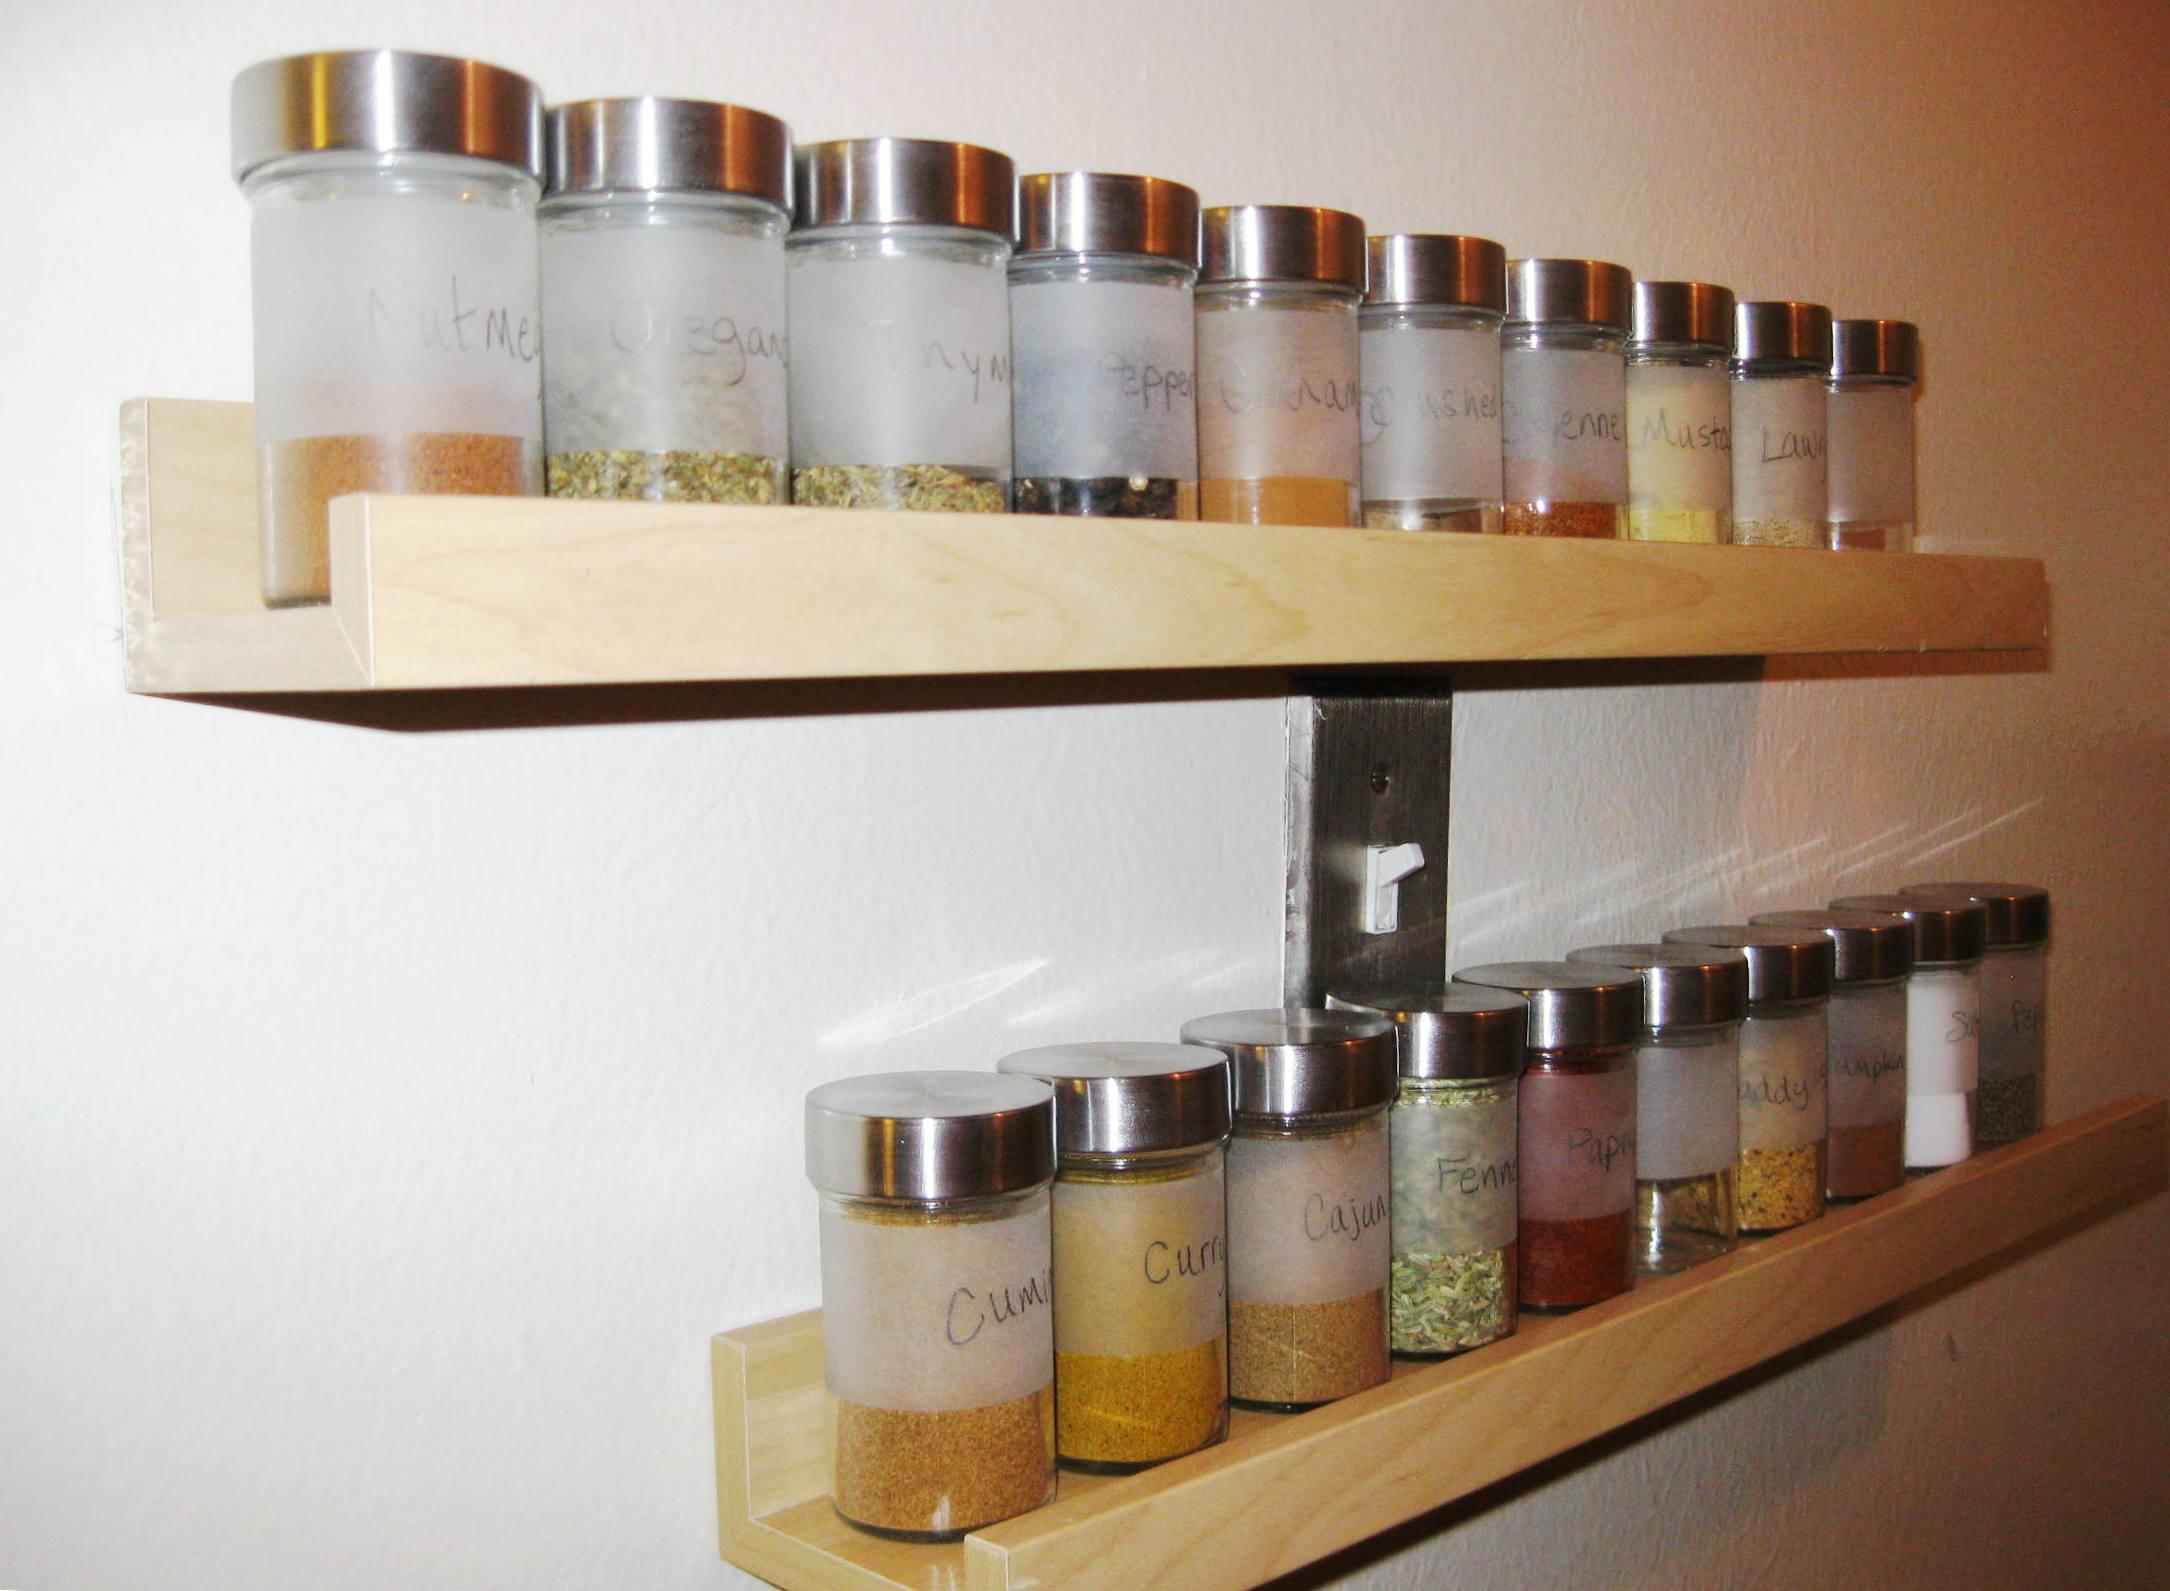 أفكار مبتكرة وعملية لترتيب التوابل في المطبخ